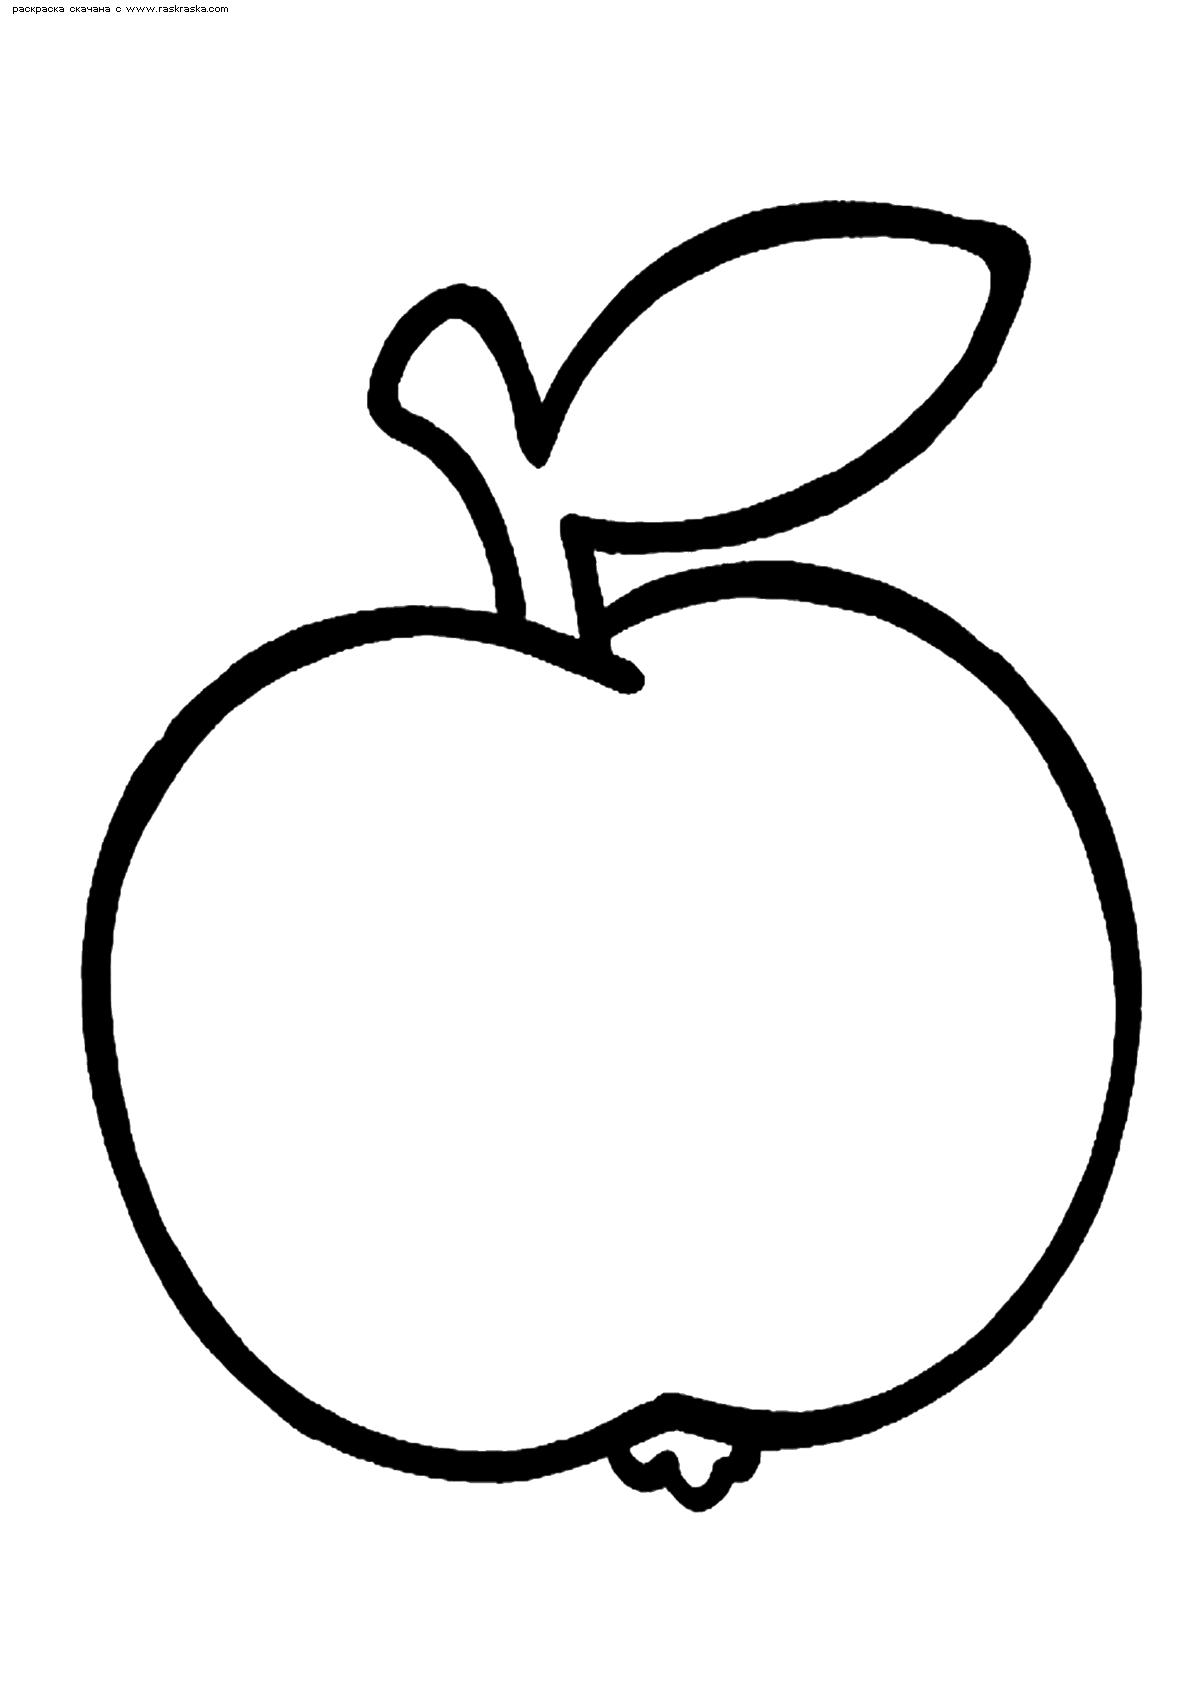 Раскраска Яблоко. Раскраска яблоко